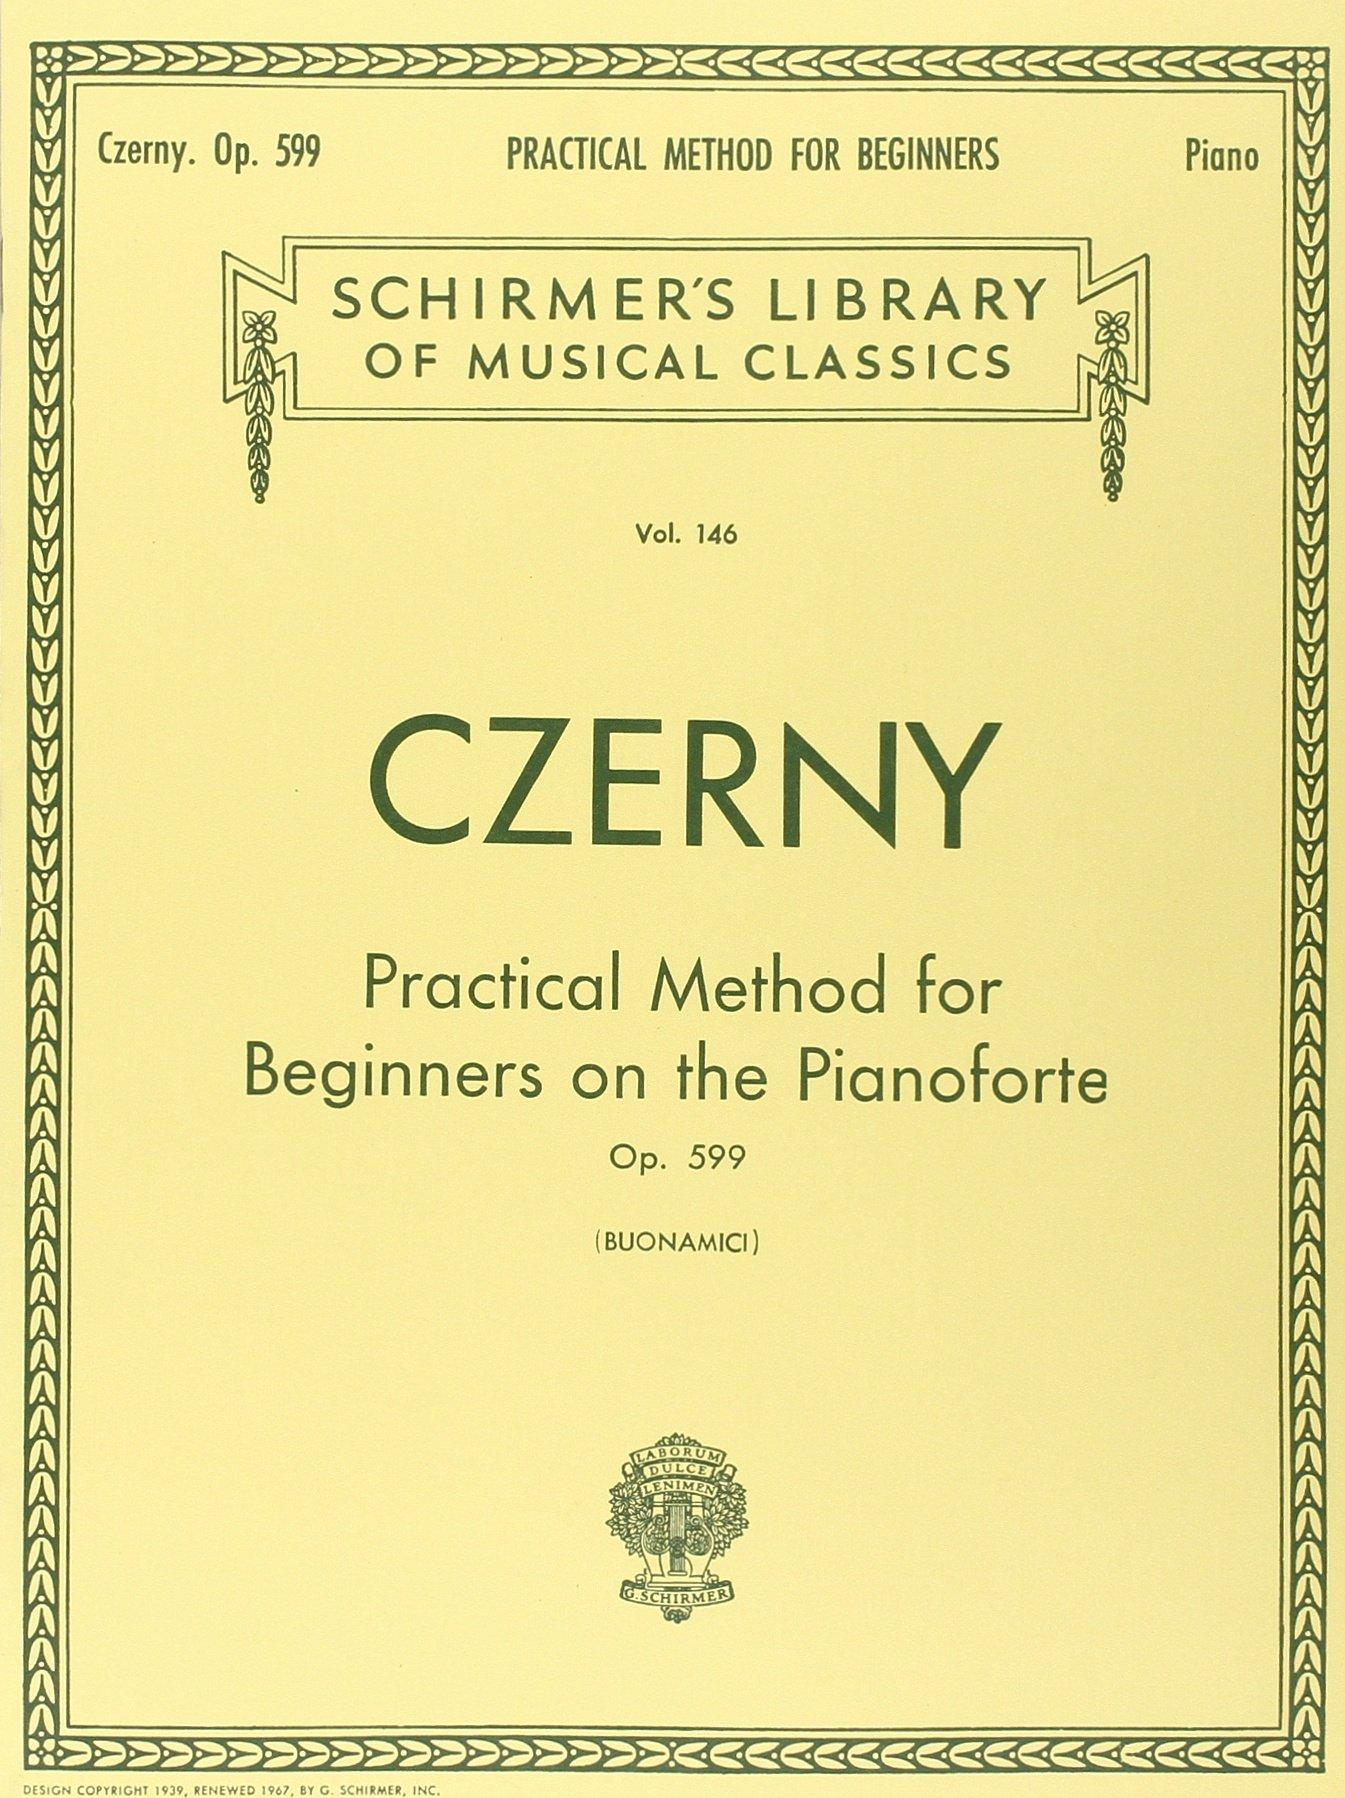 Practical Method For Beginners On The Pianoforte Op.599: Noten, Lehrmaterial für Klavier